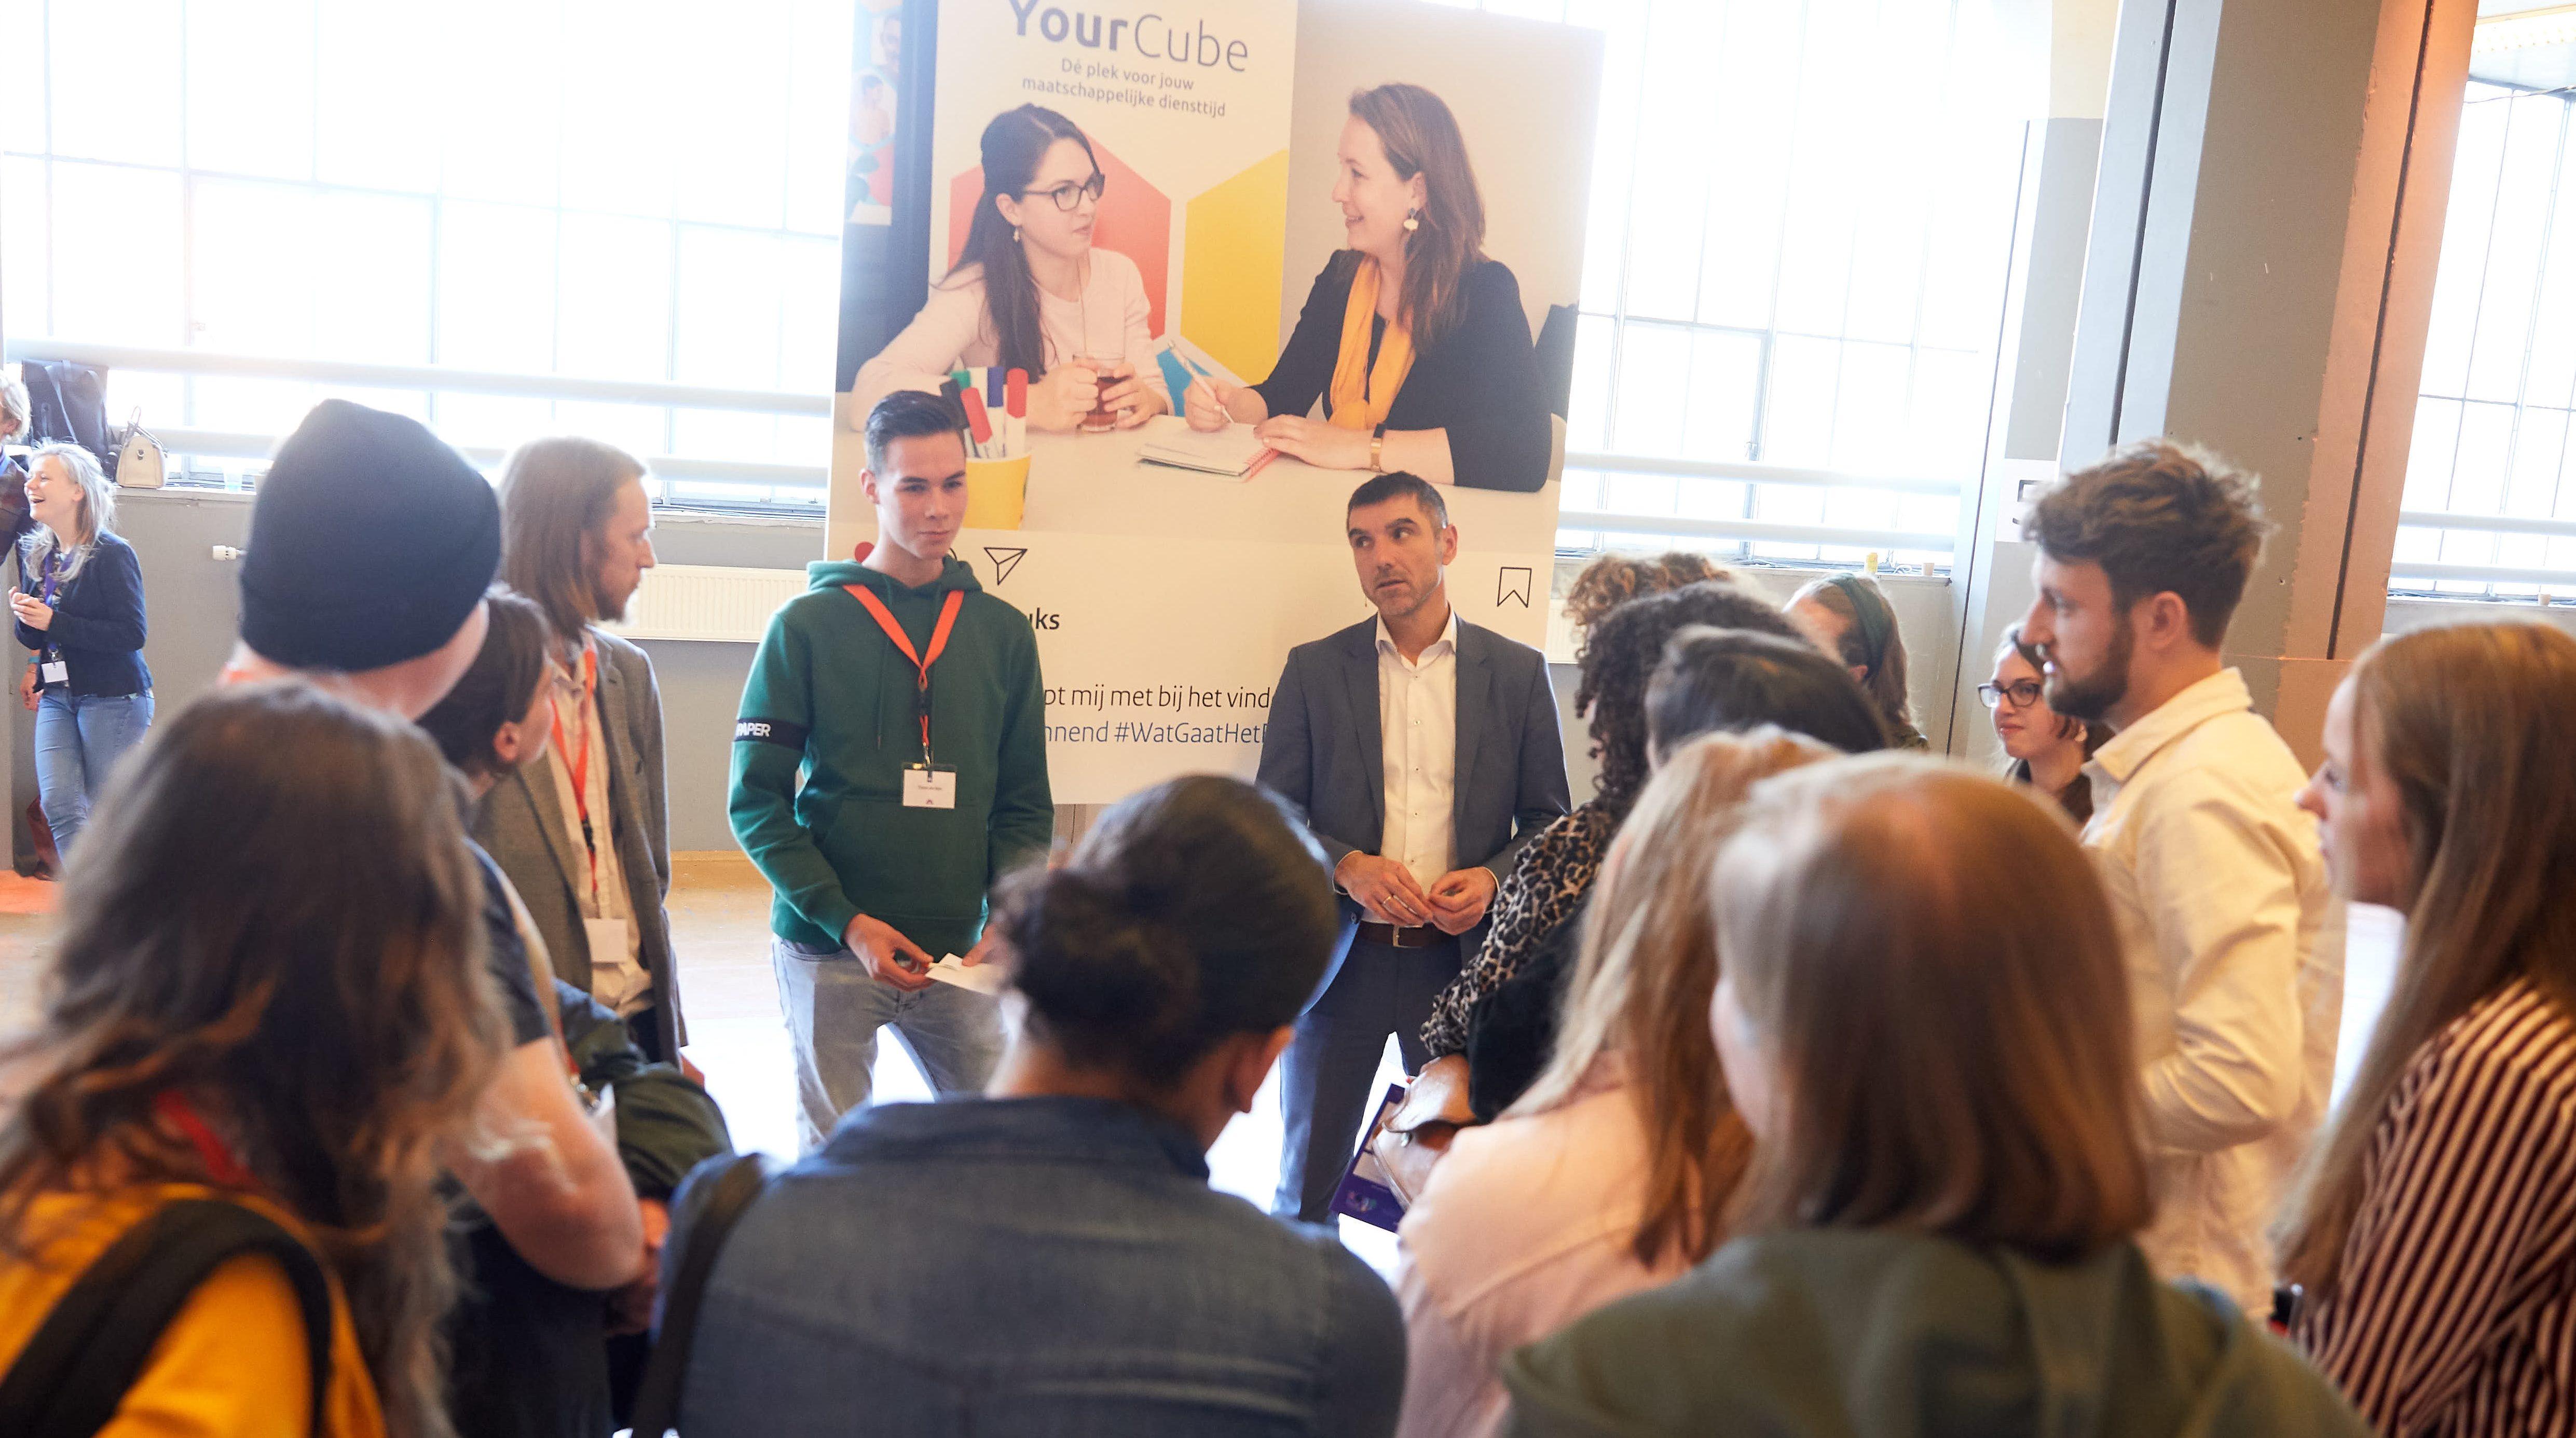 Staatssecretaris Paul Blokhuis in gesprek met jongeren